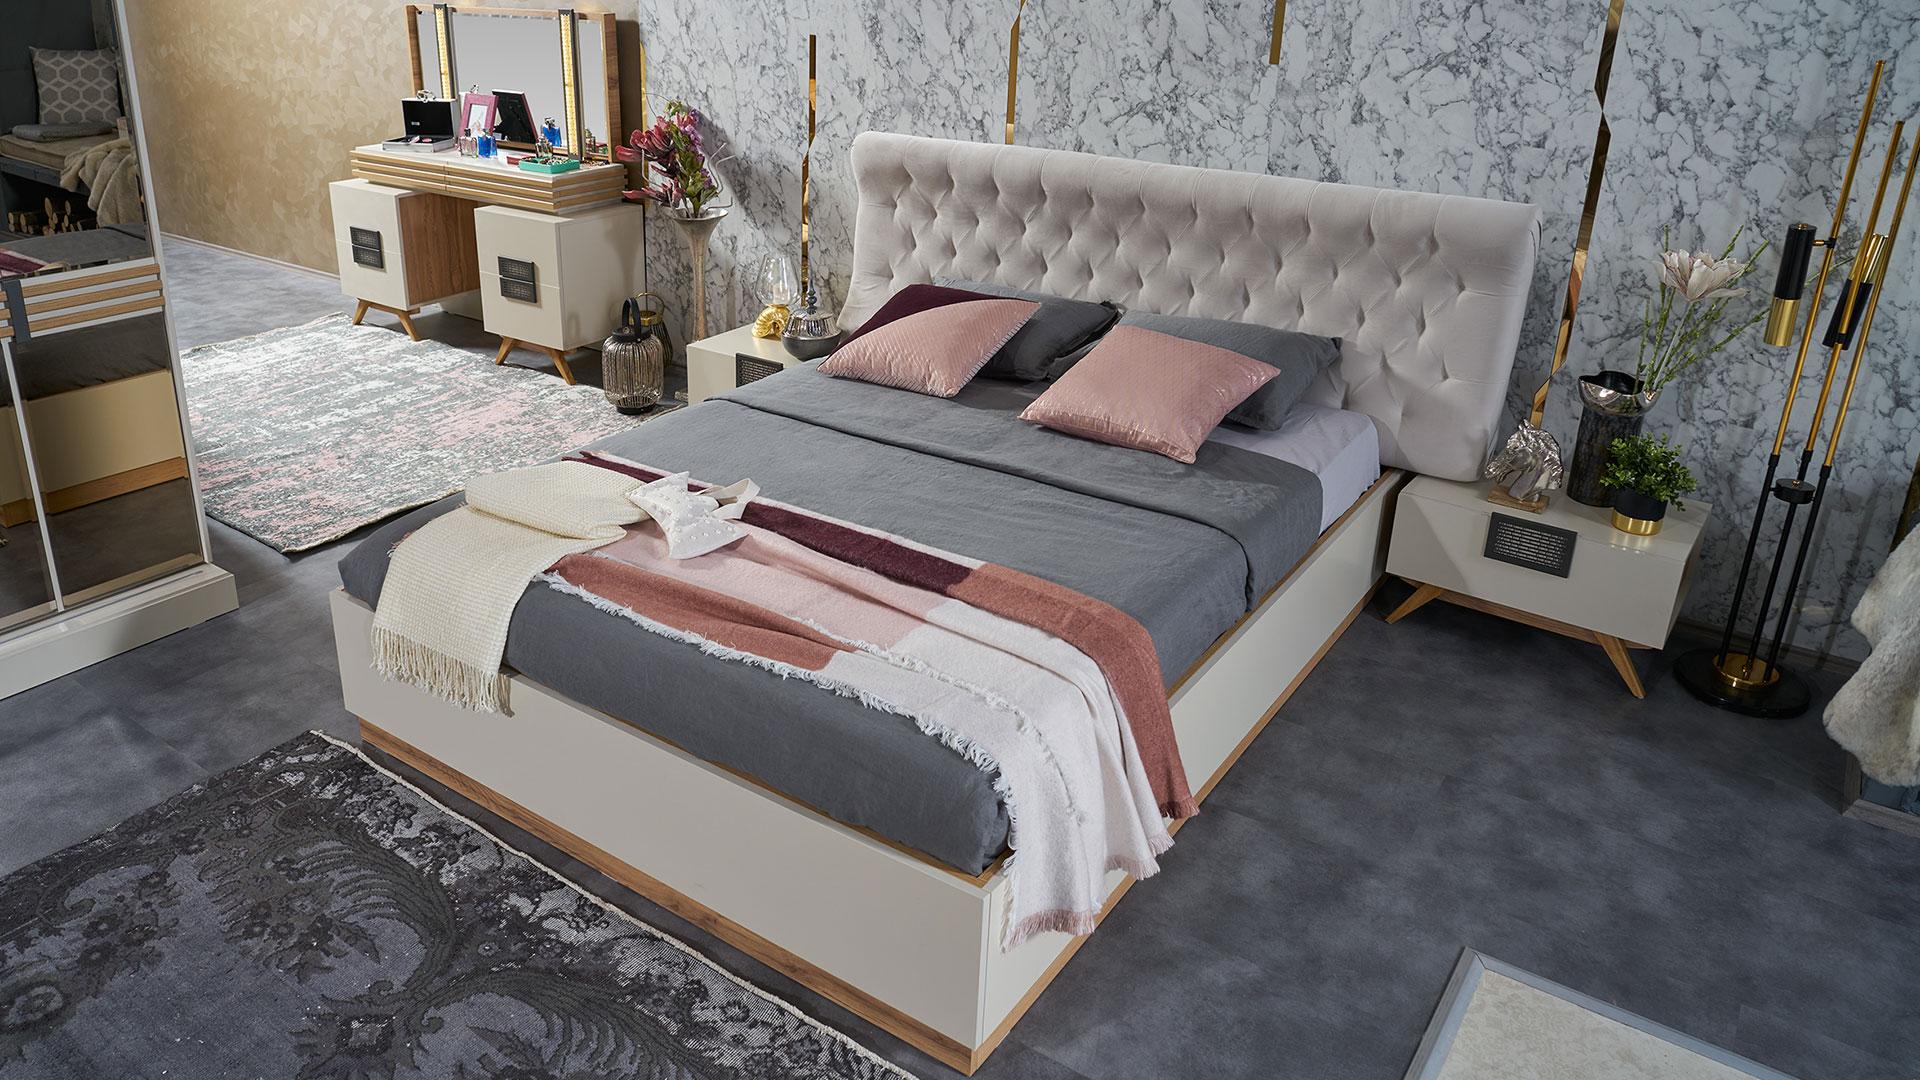 سرير و 2 كومودينو و تسريحه مودرن باللون الابيض